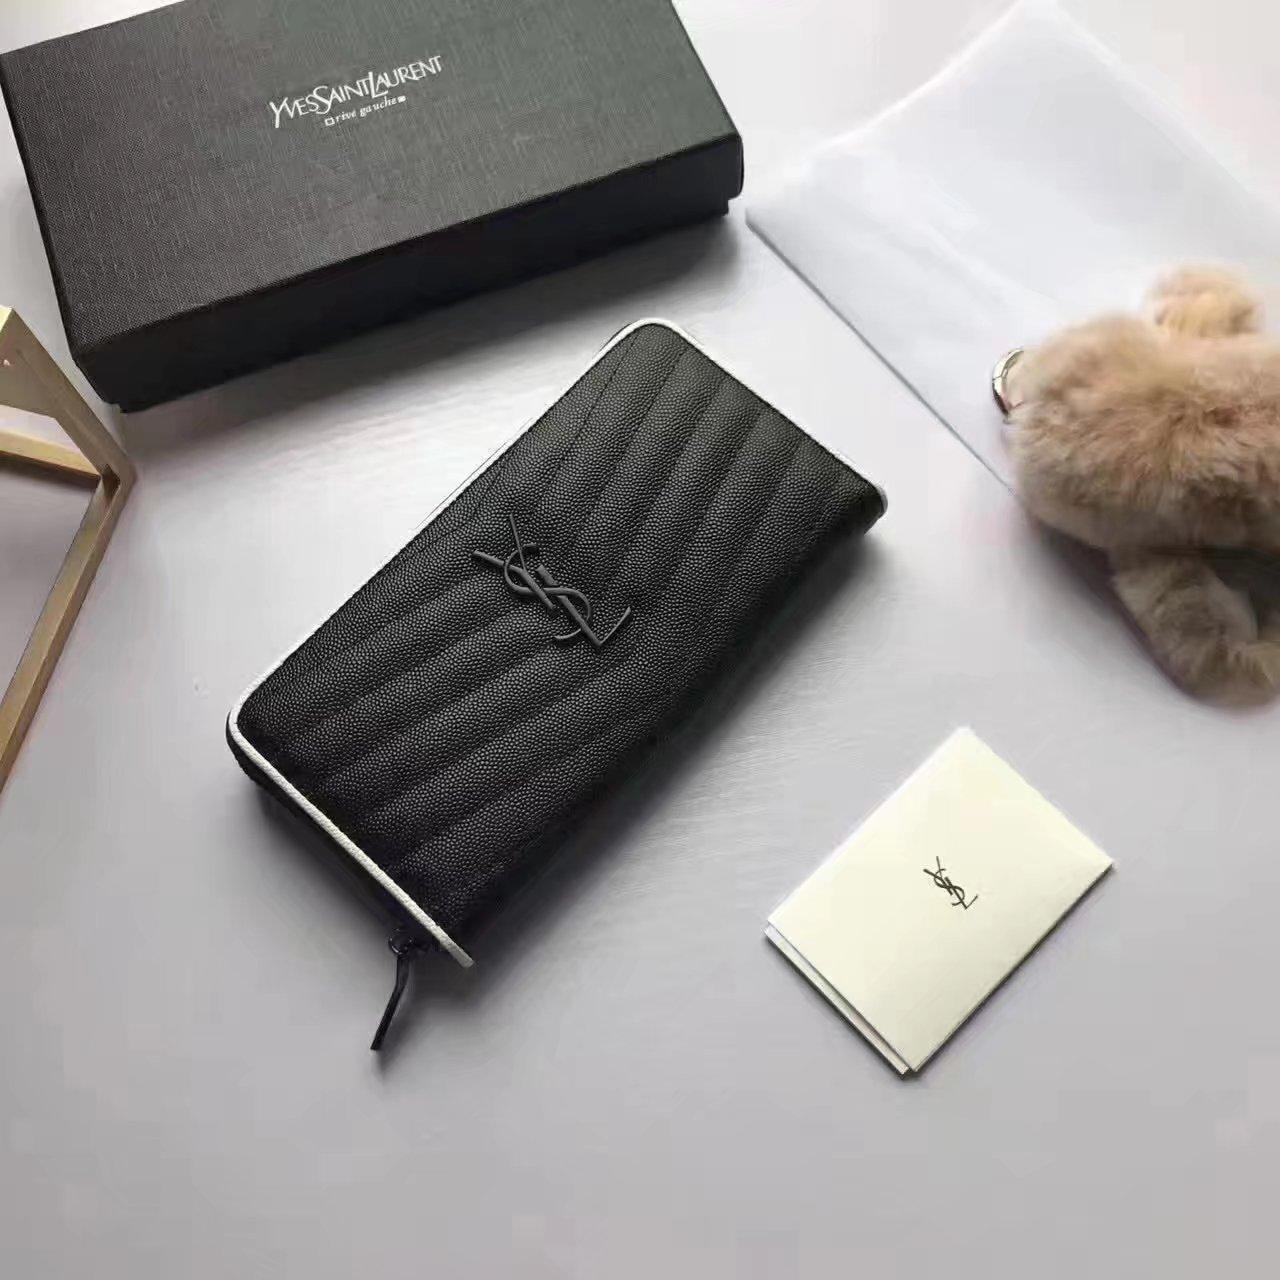 Yves Saint Laurent Fashion Leather Zip Wallet Black